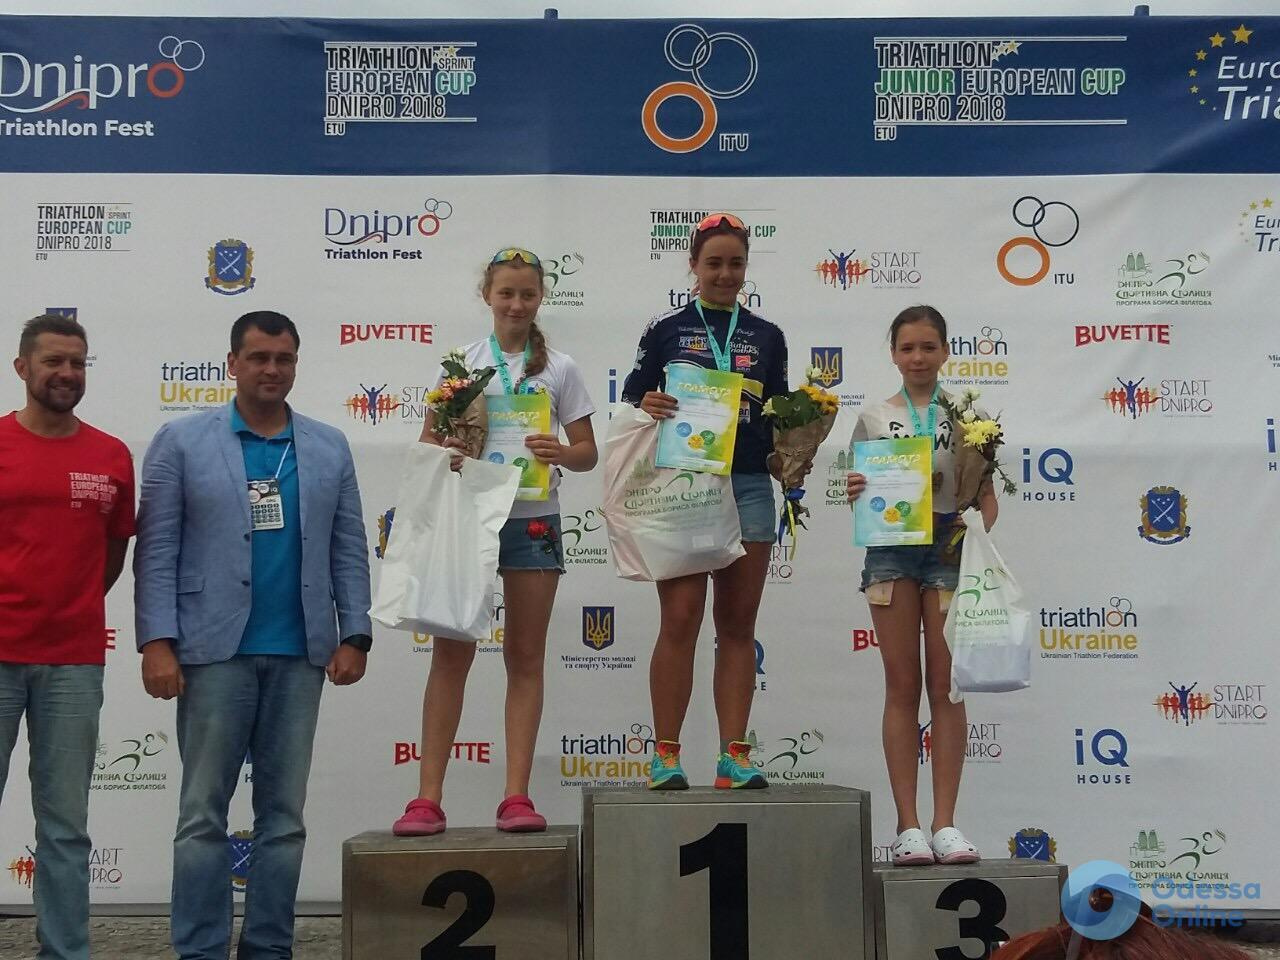 Одесские триатлеты завоевали медали нескольких всеукраинских и международных турниров